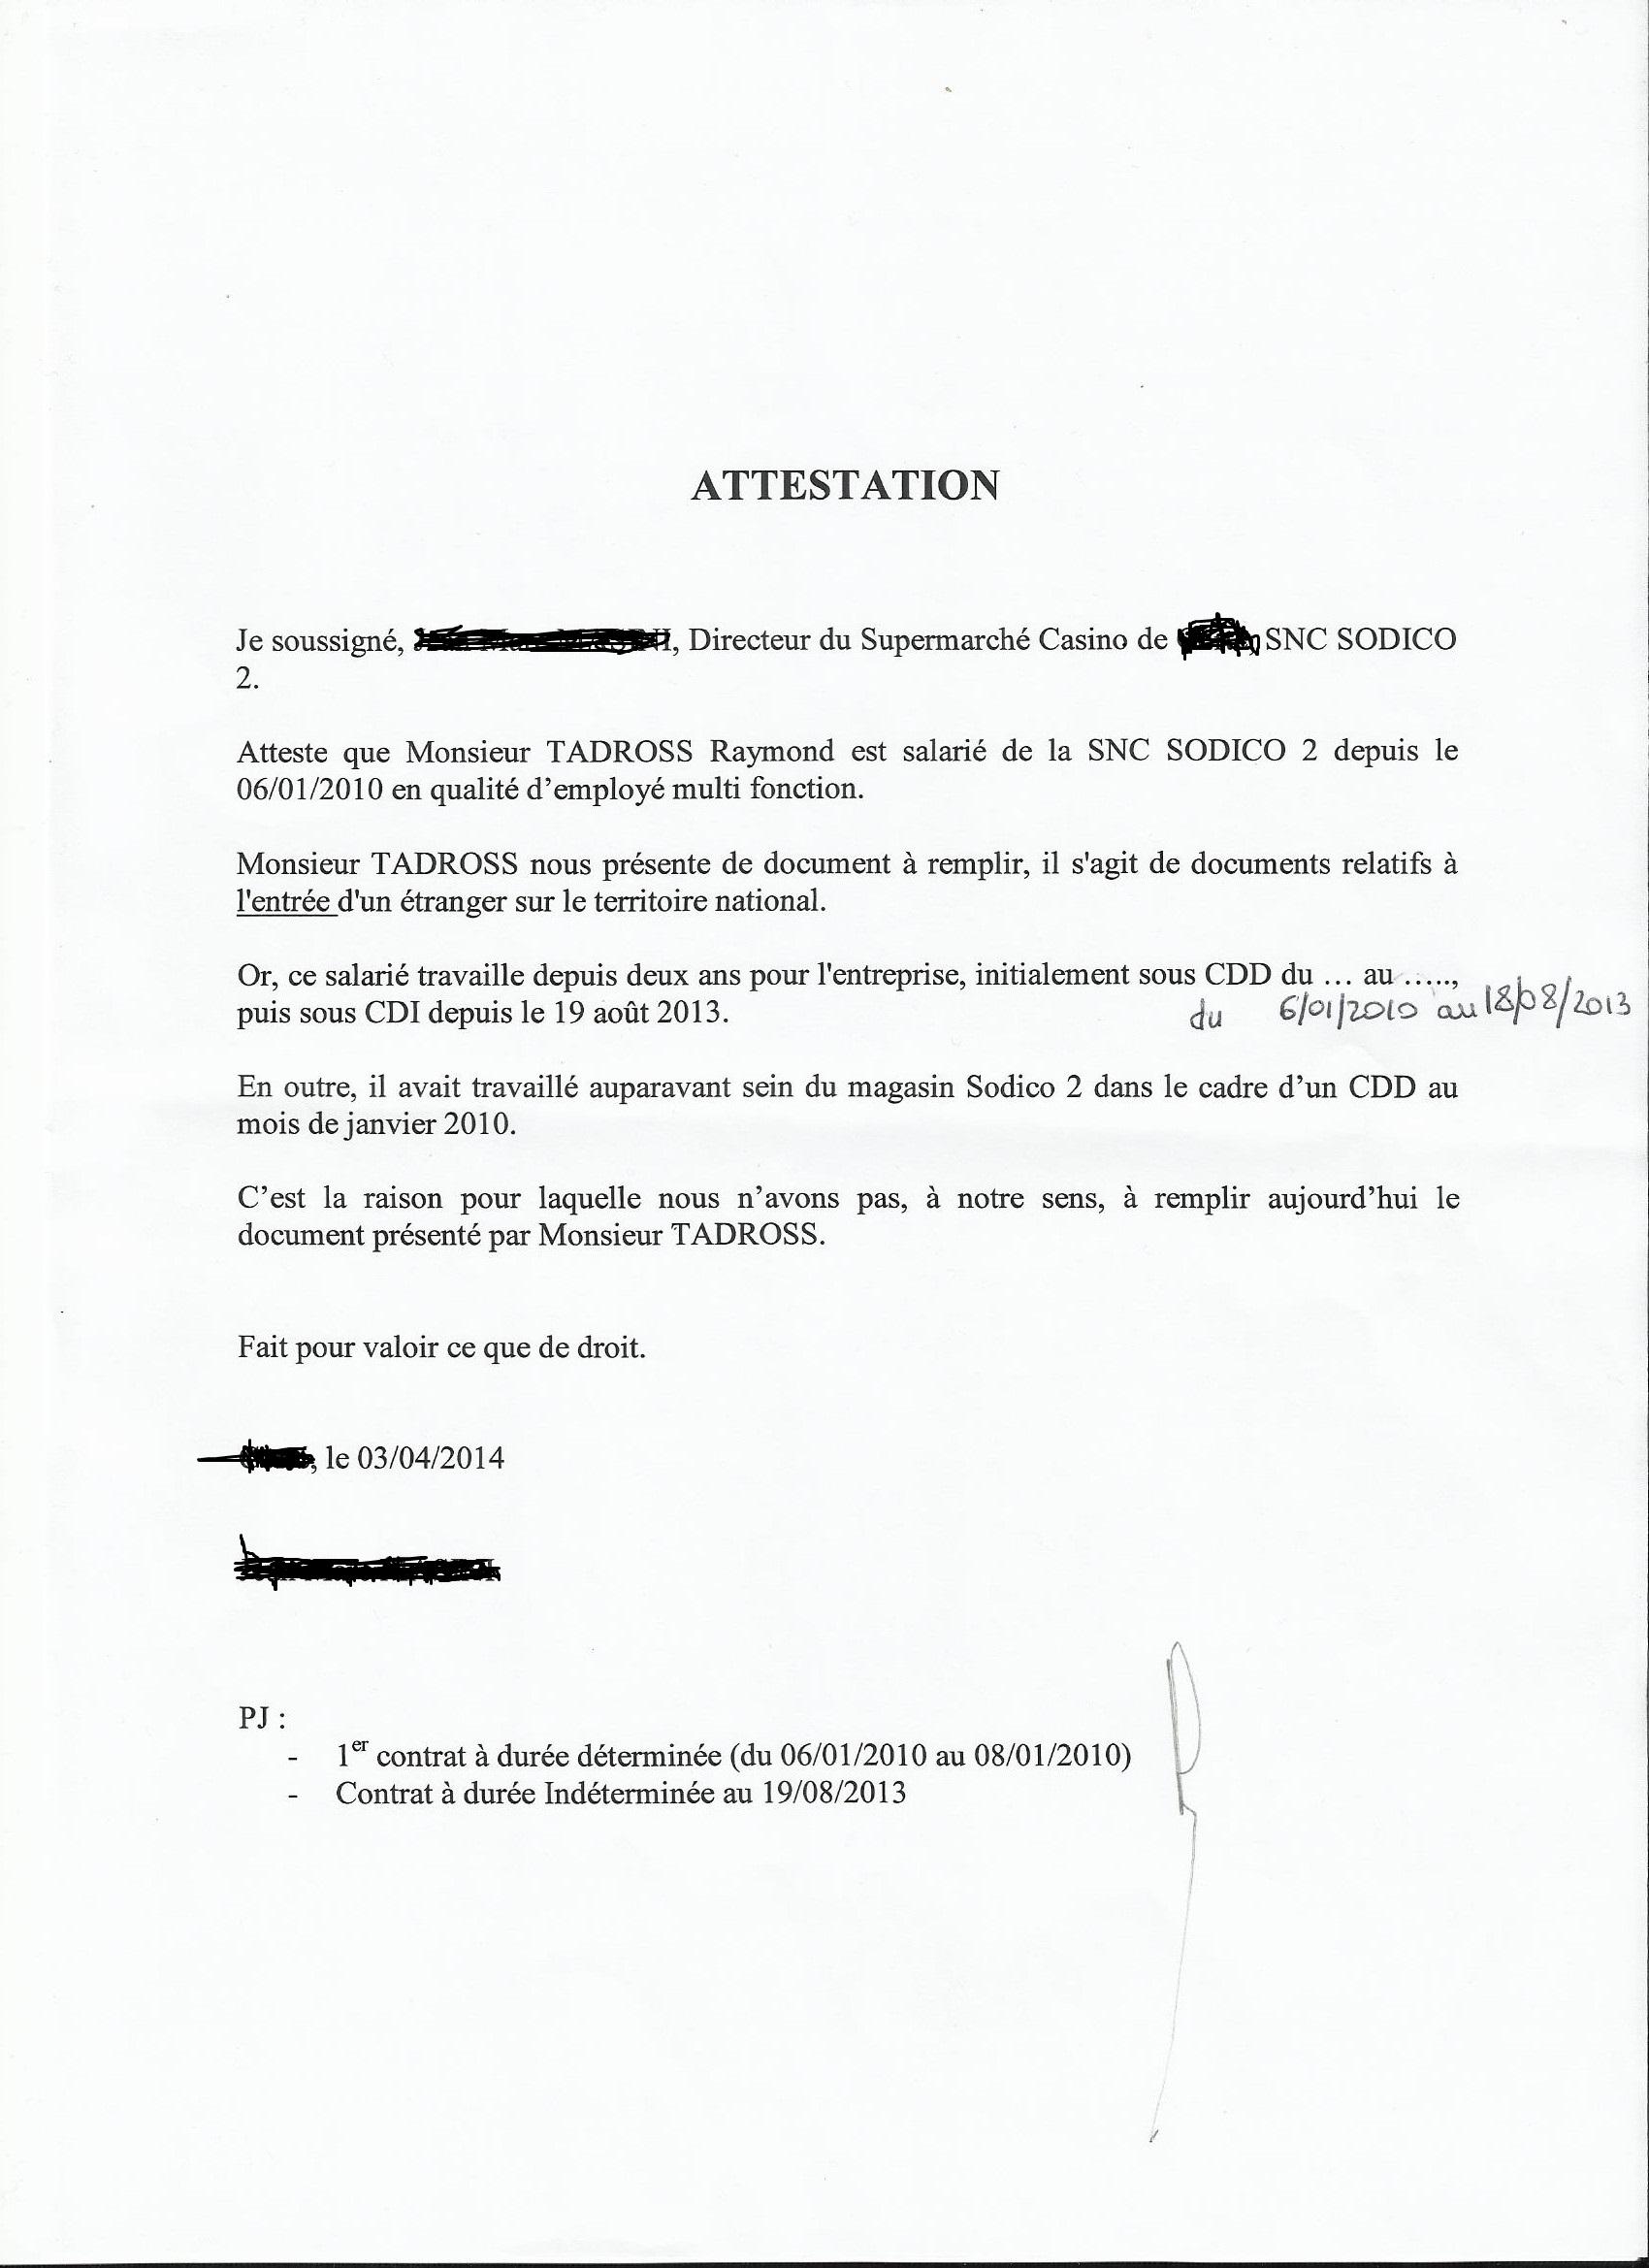 Application Letter Sample: Modele Lettre De Demande De Visa De Circulation